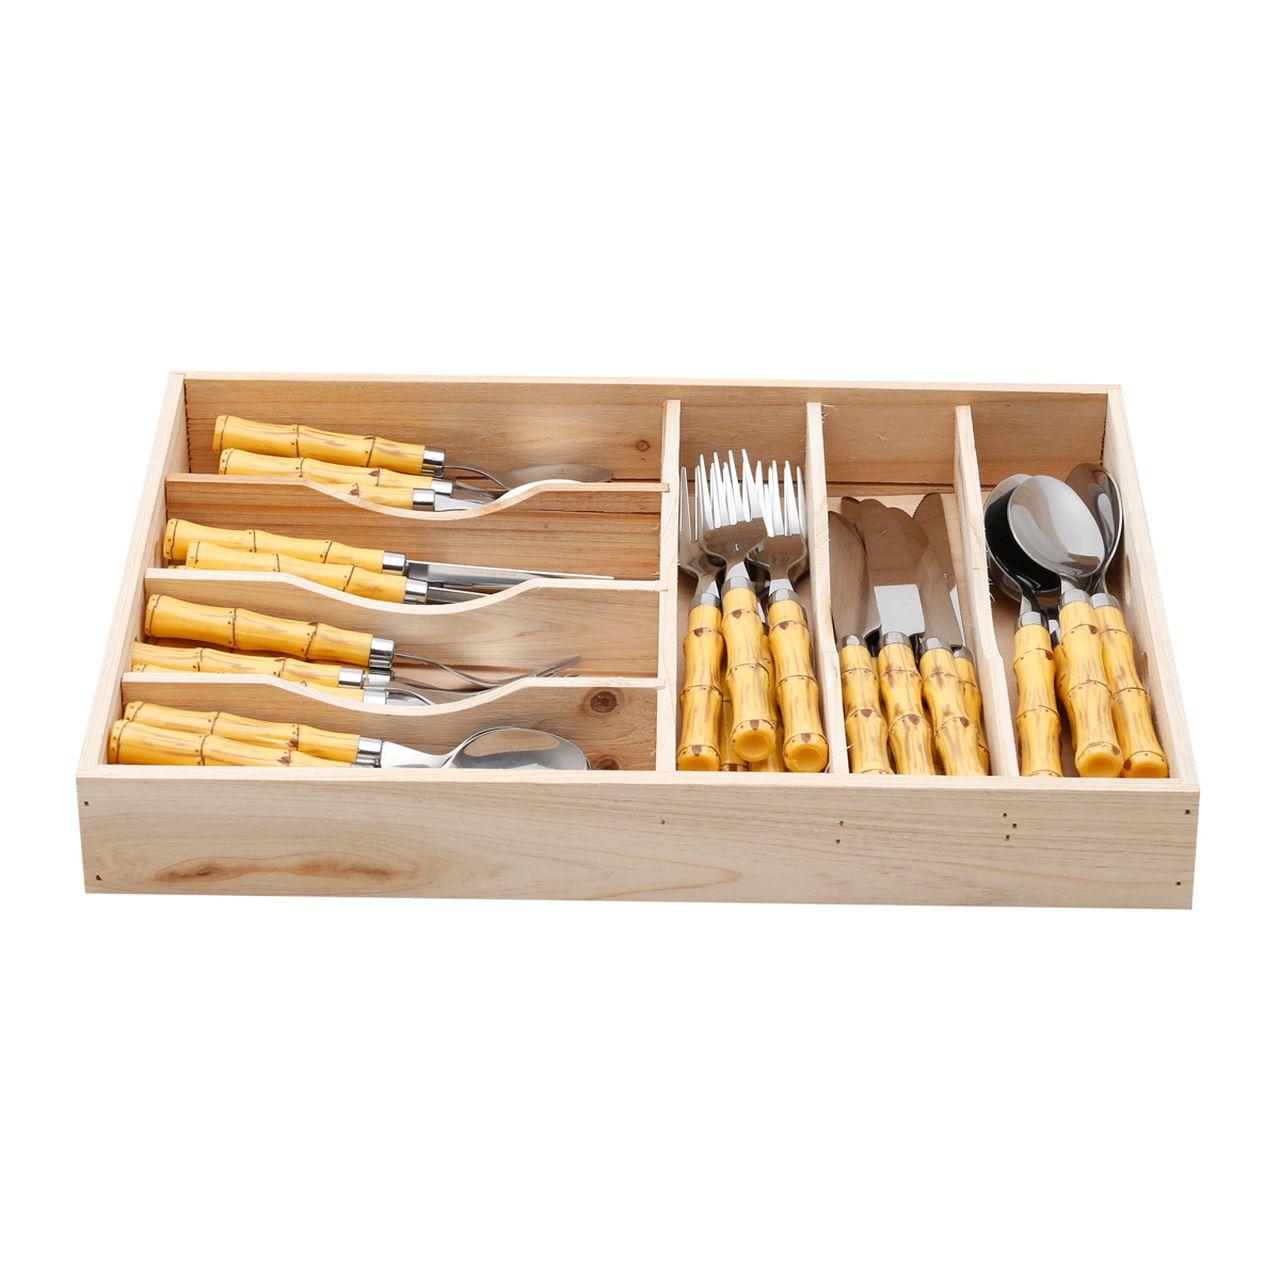 Faqueiro 42 peças de aço inox com cabo de plástico Bamboo Bon Gourmet - 3794